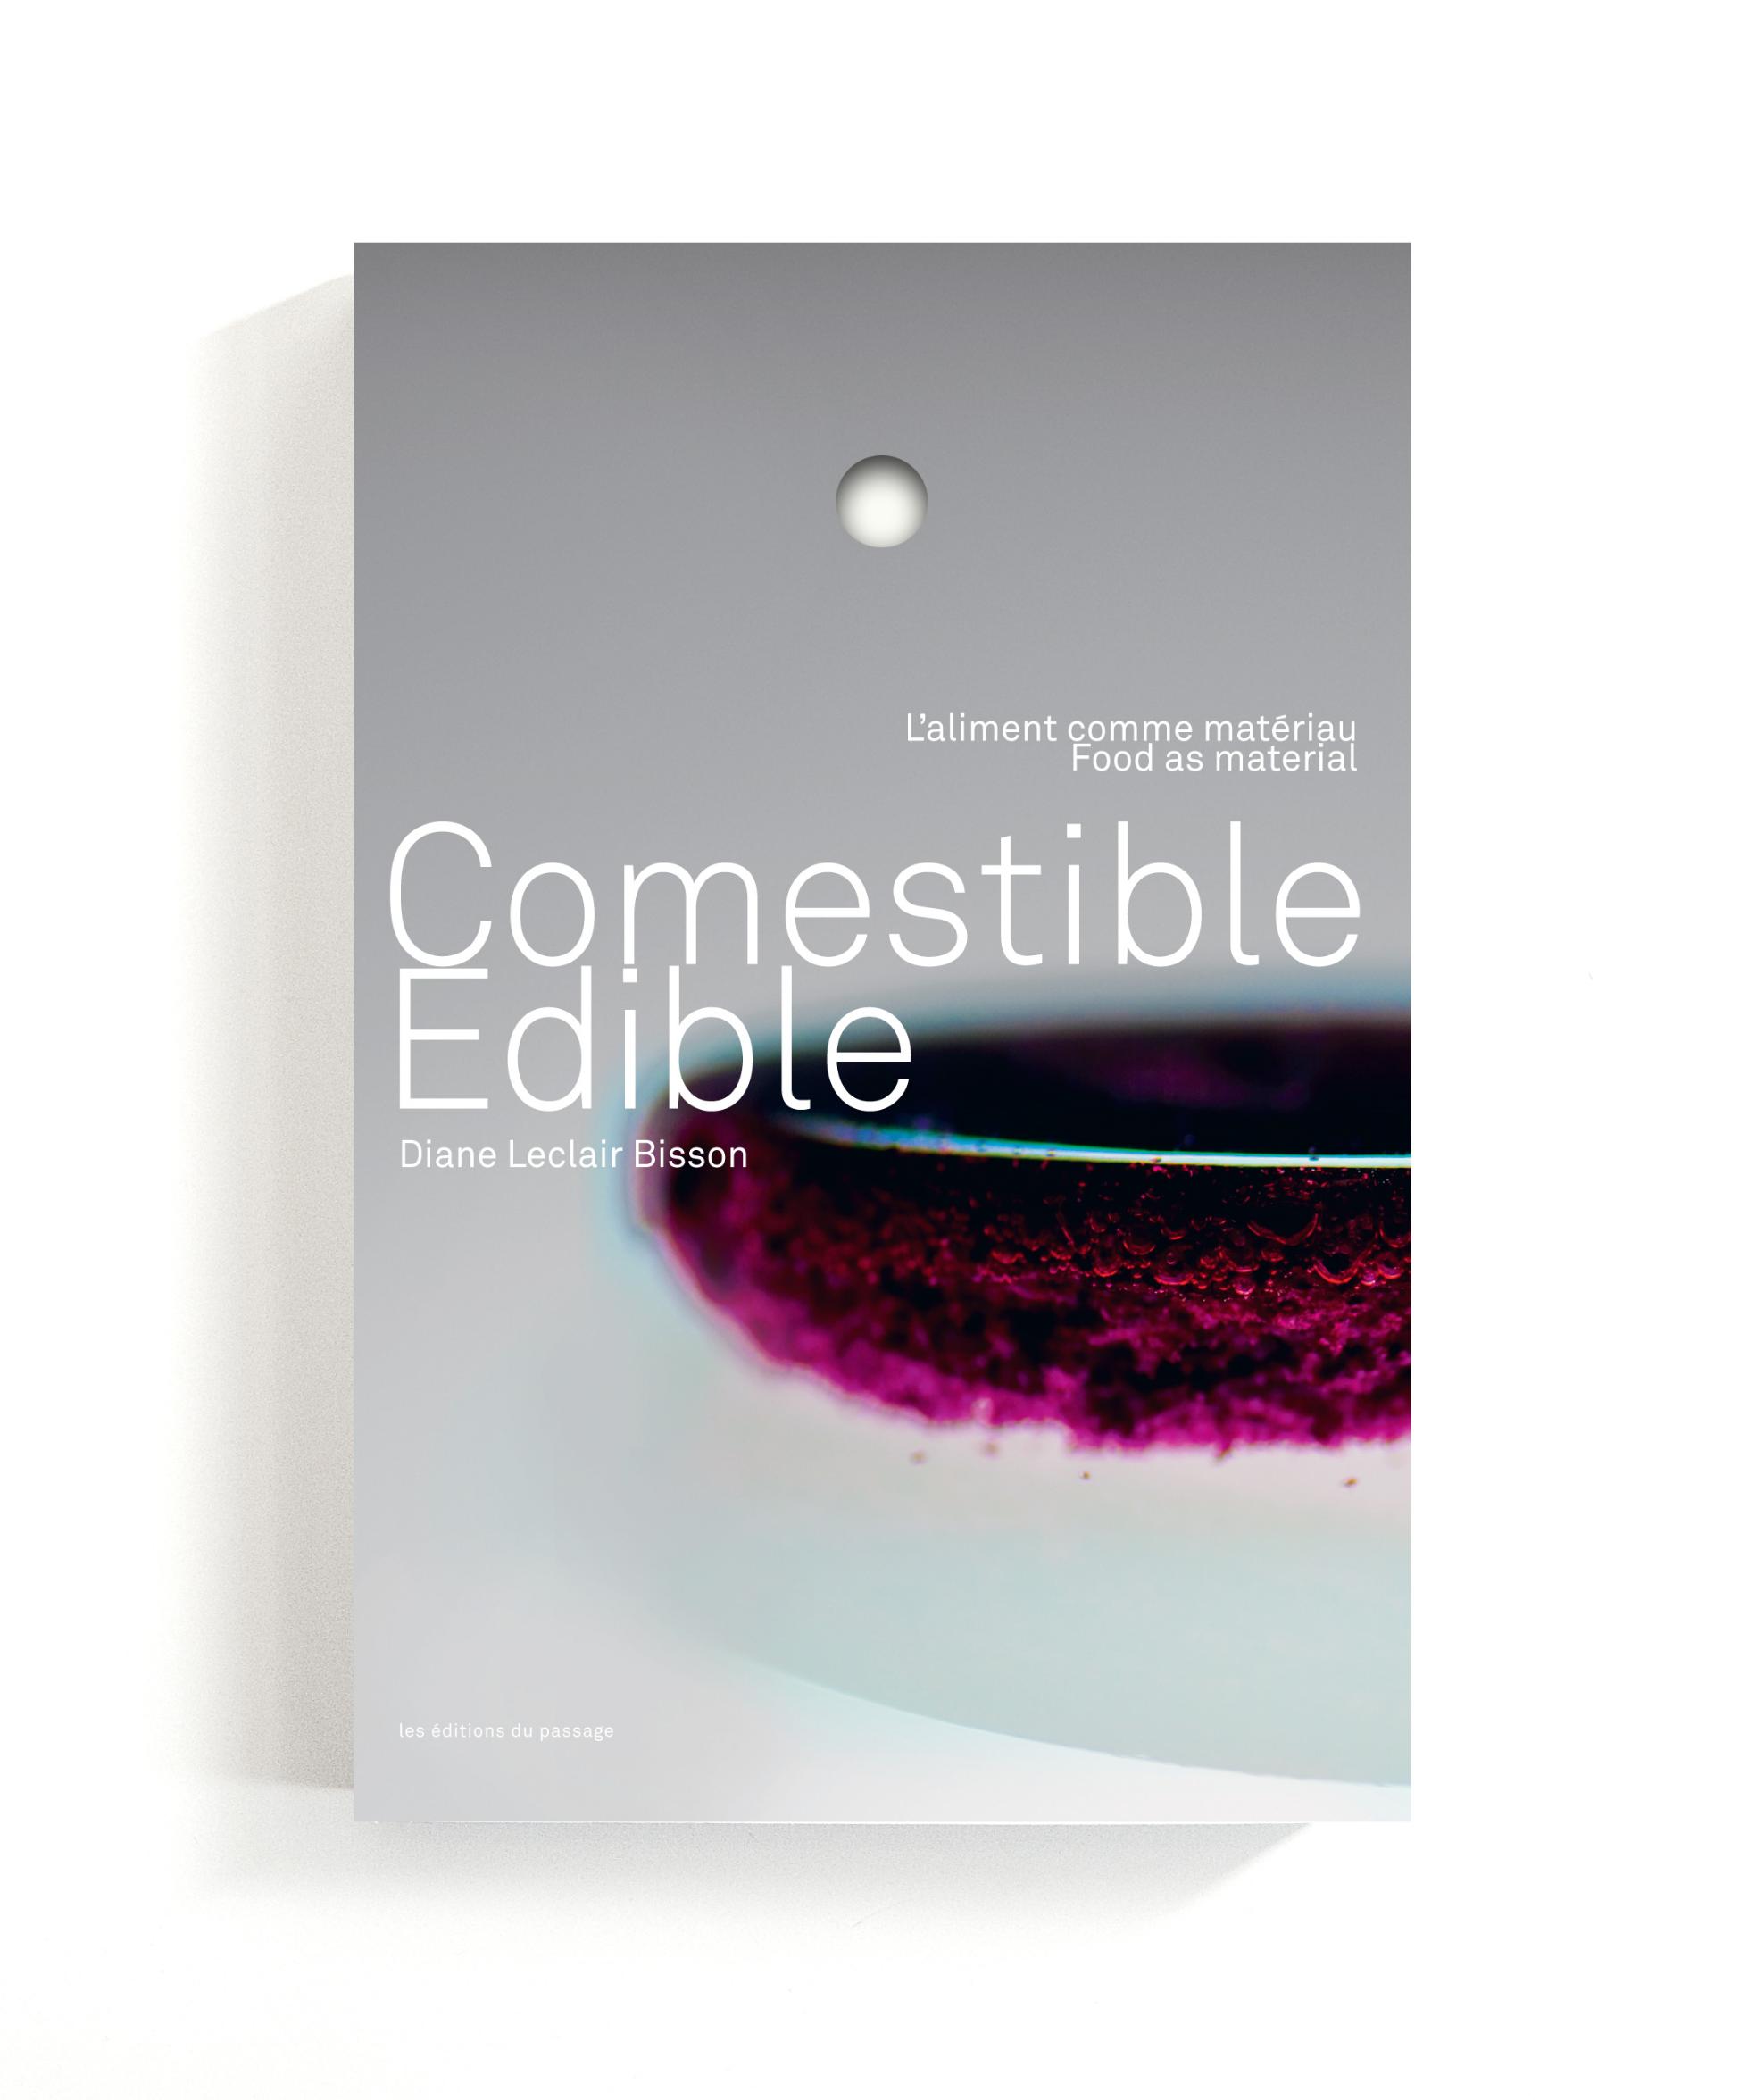 edible-food-as-material-book-cover